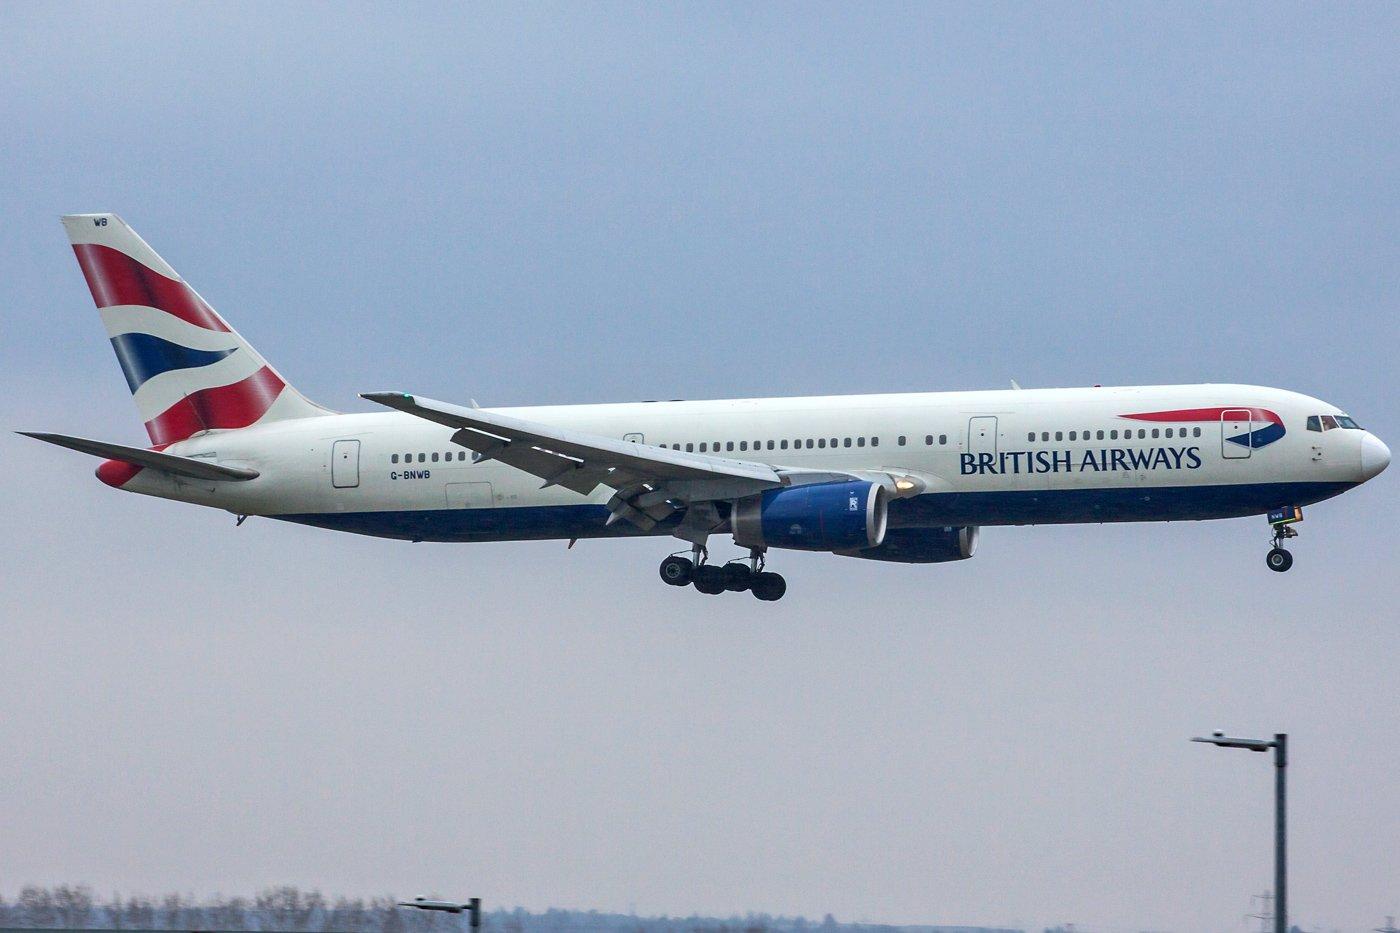 British Airways Boeing 767-336(ER) G-BNWB